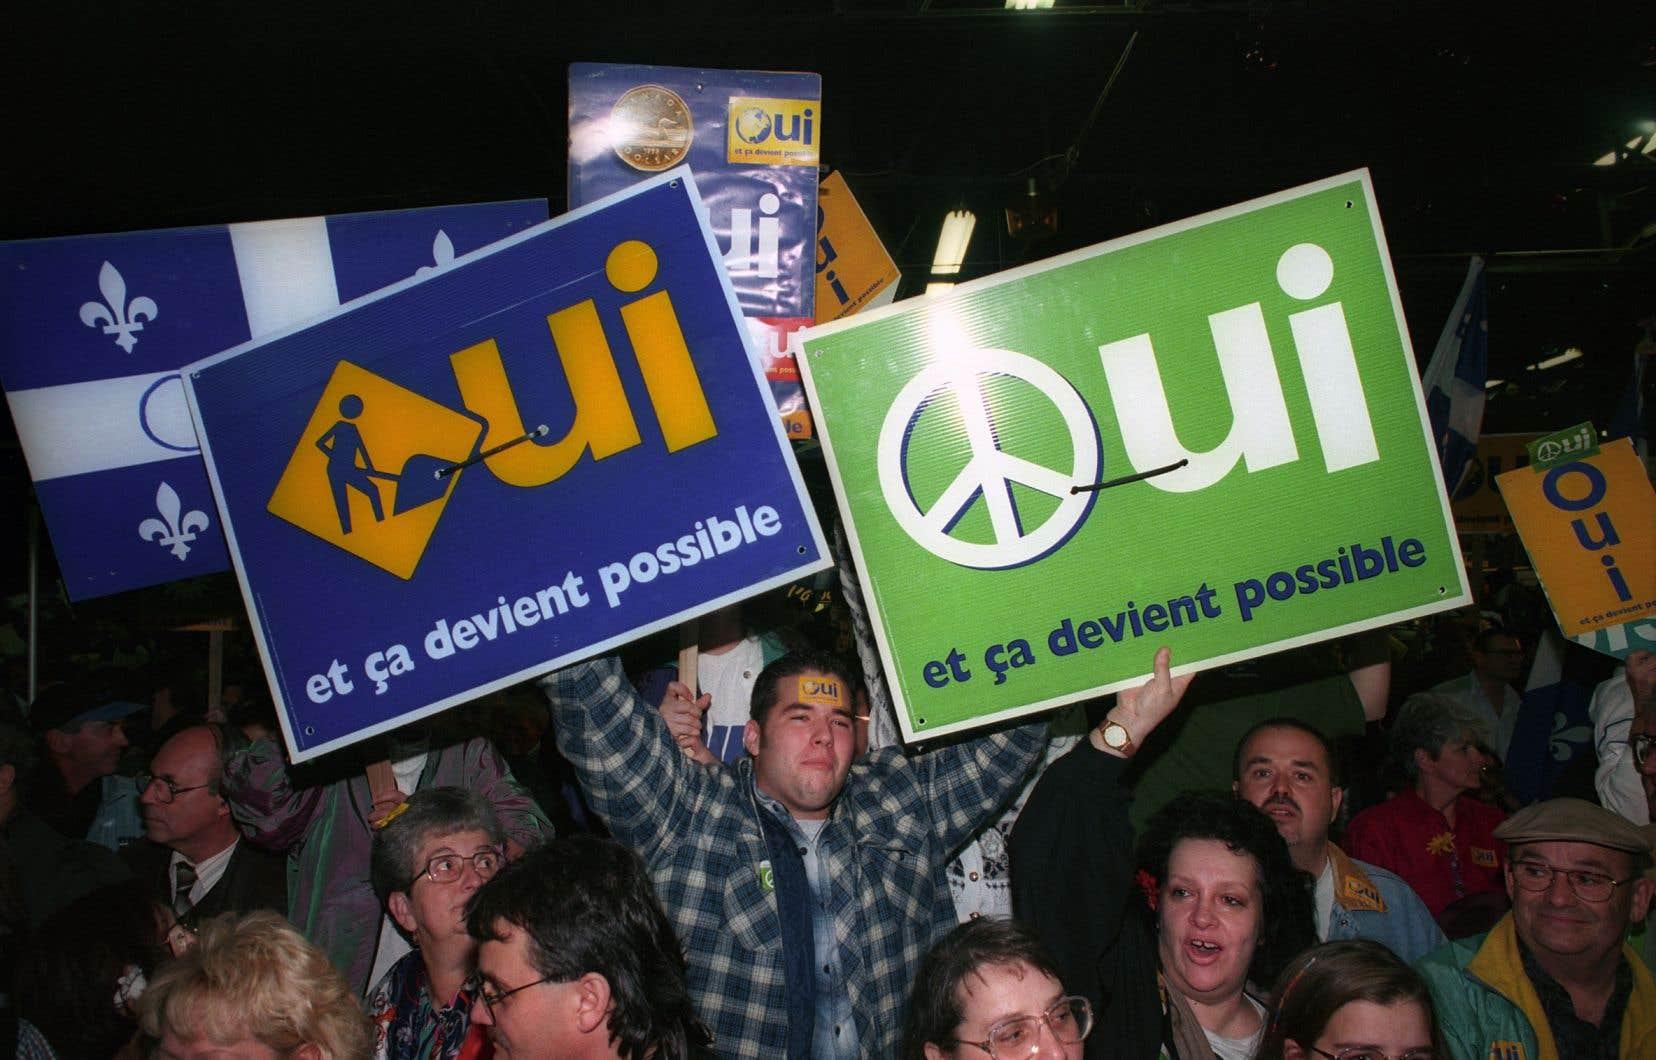 La génération qui porta le référendum de 1995 a pour ainsi dire «décroché», affirme l'auteur.